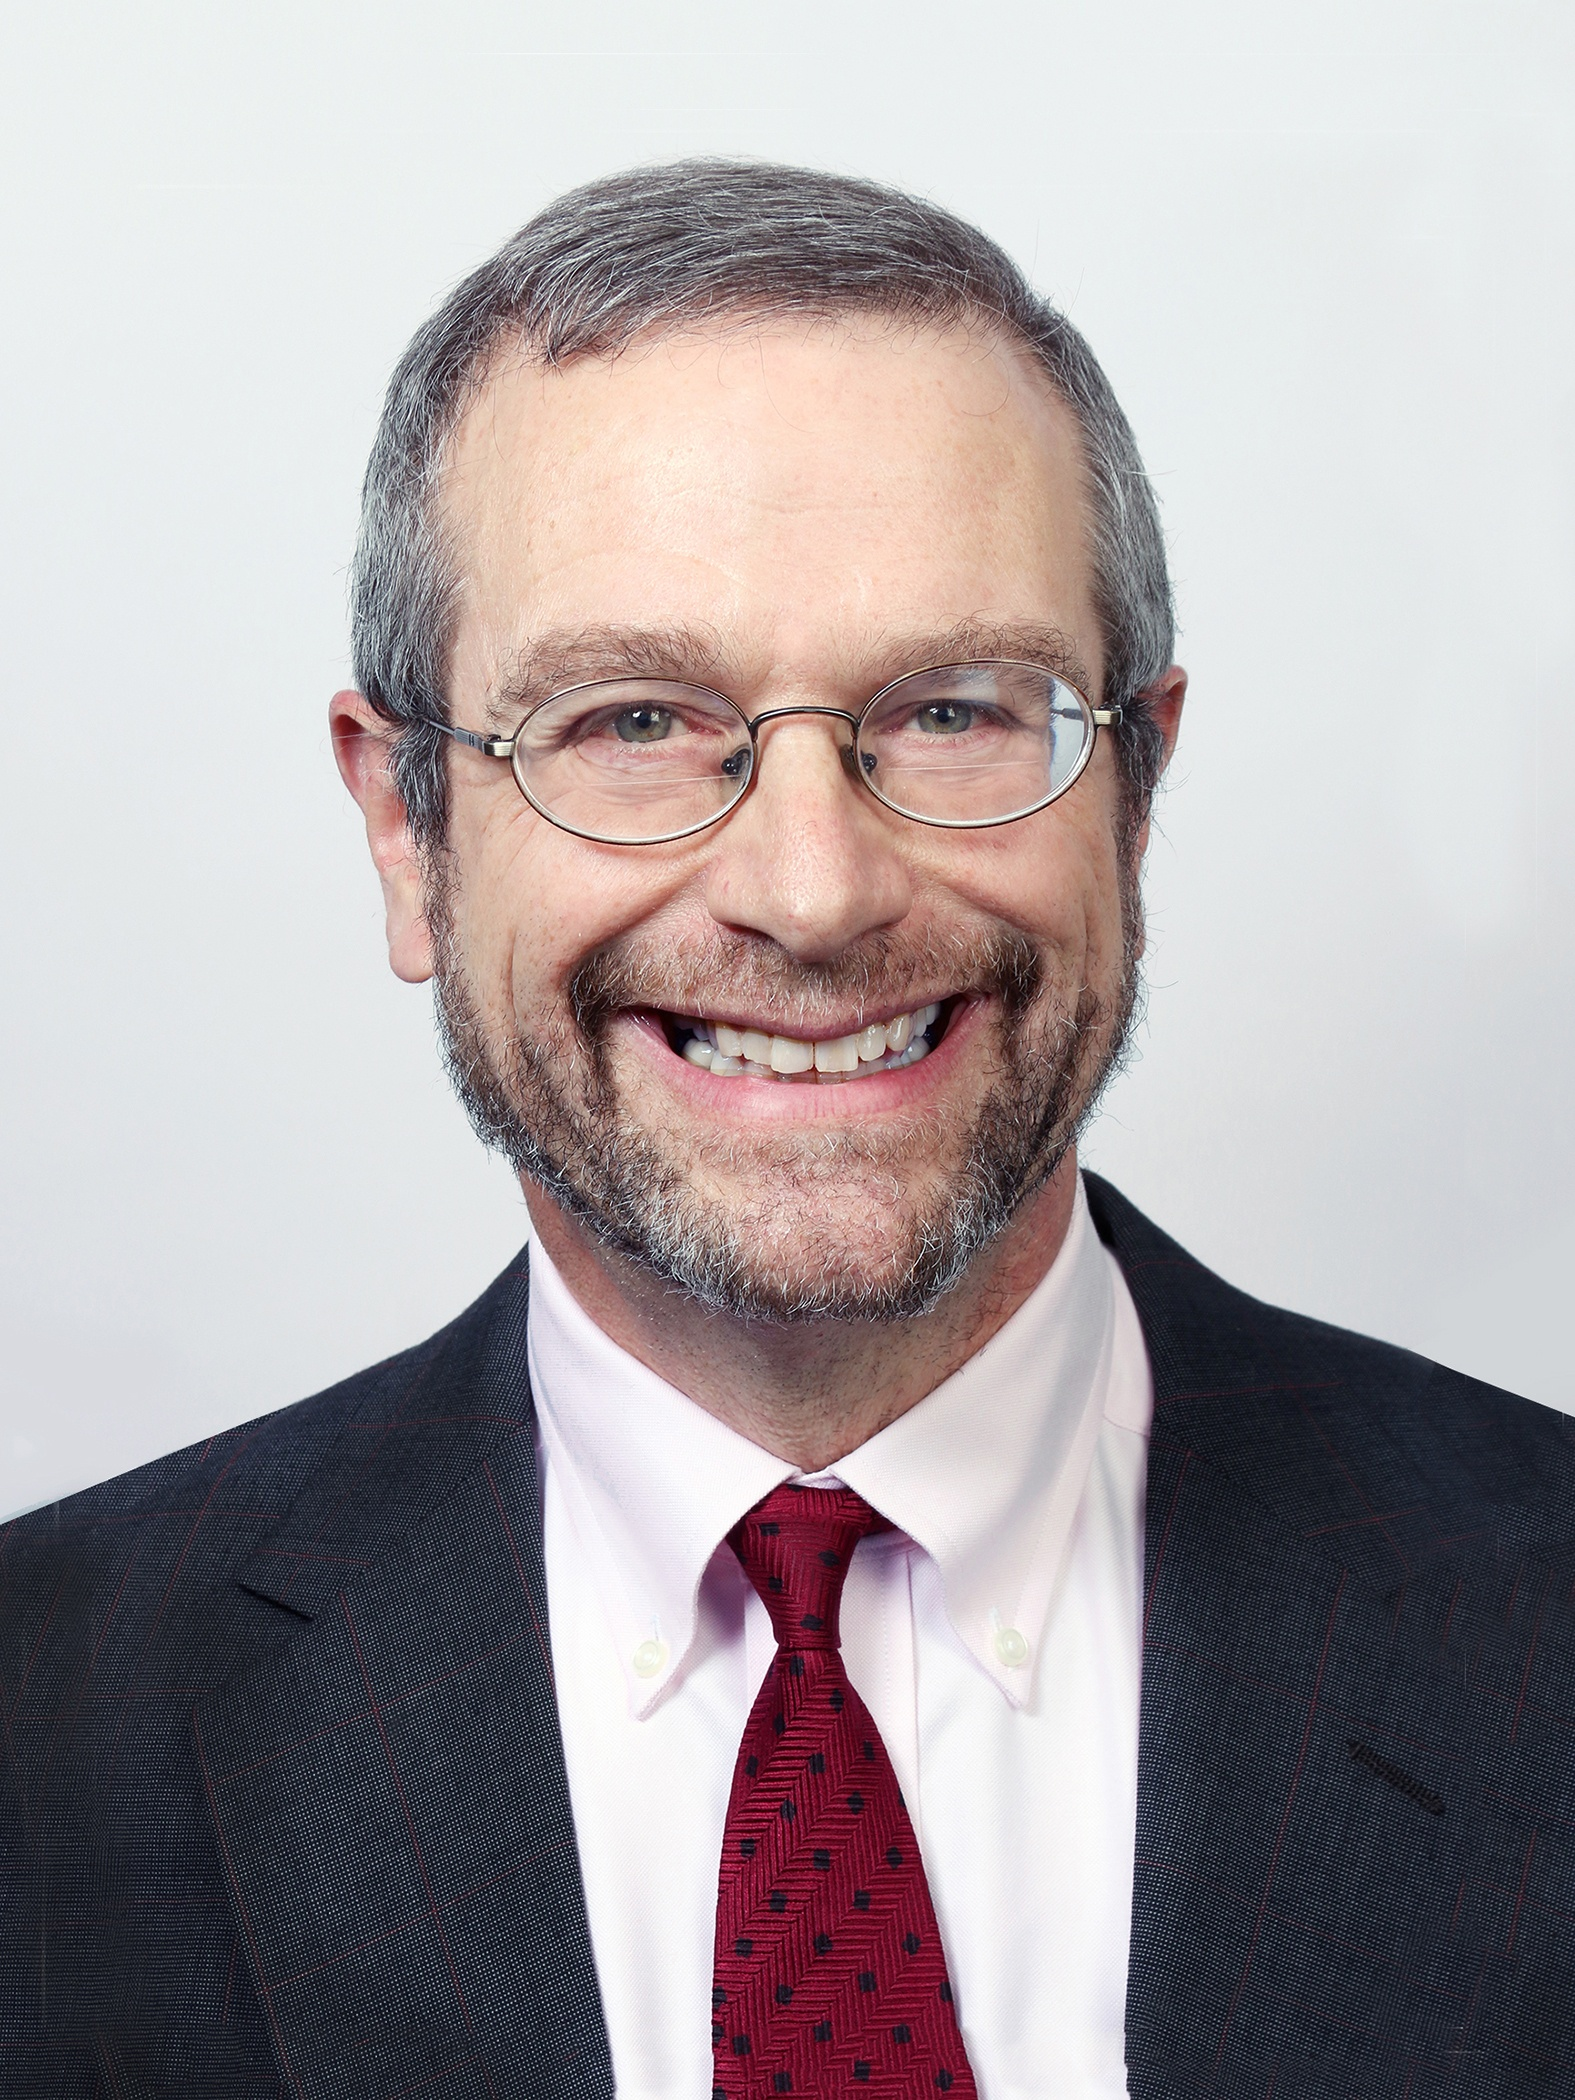 Charles Trocano